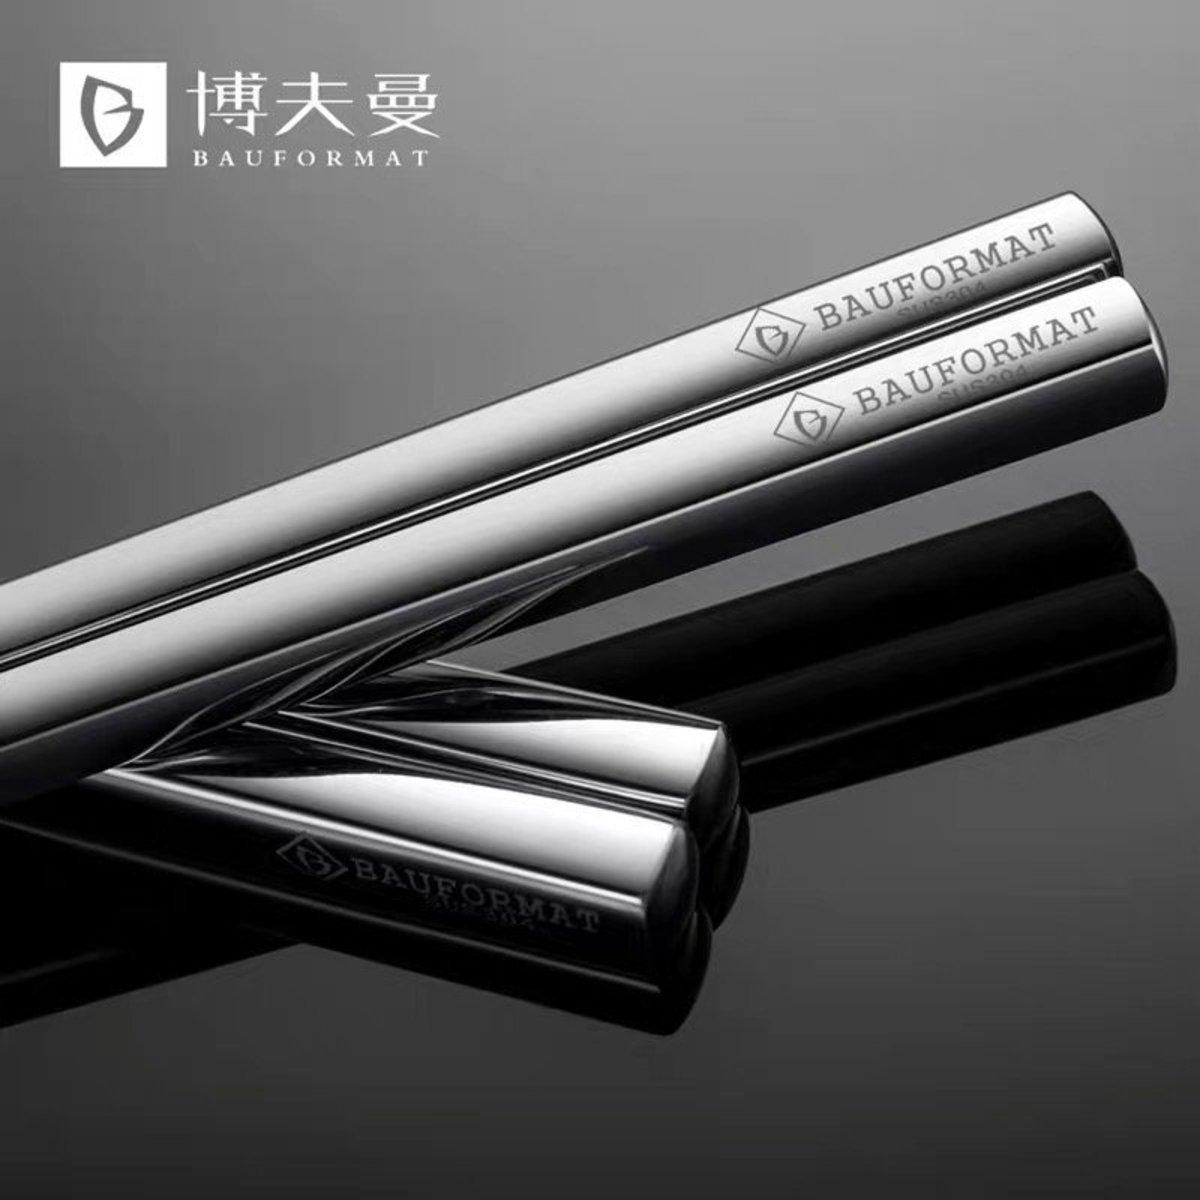 德國 BAUFORMAT - 不銹鋼防滑筷子 一對